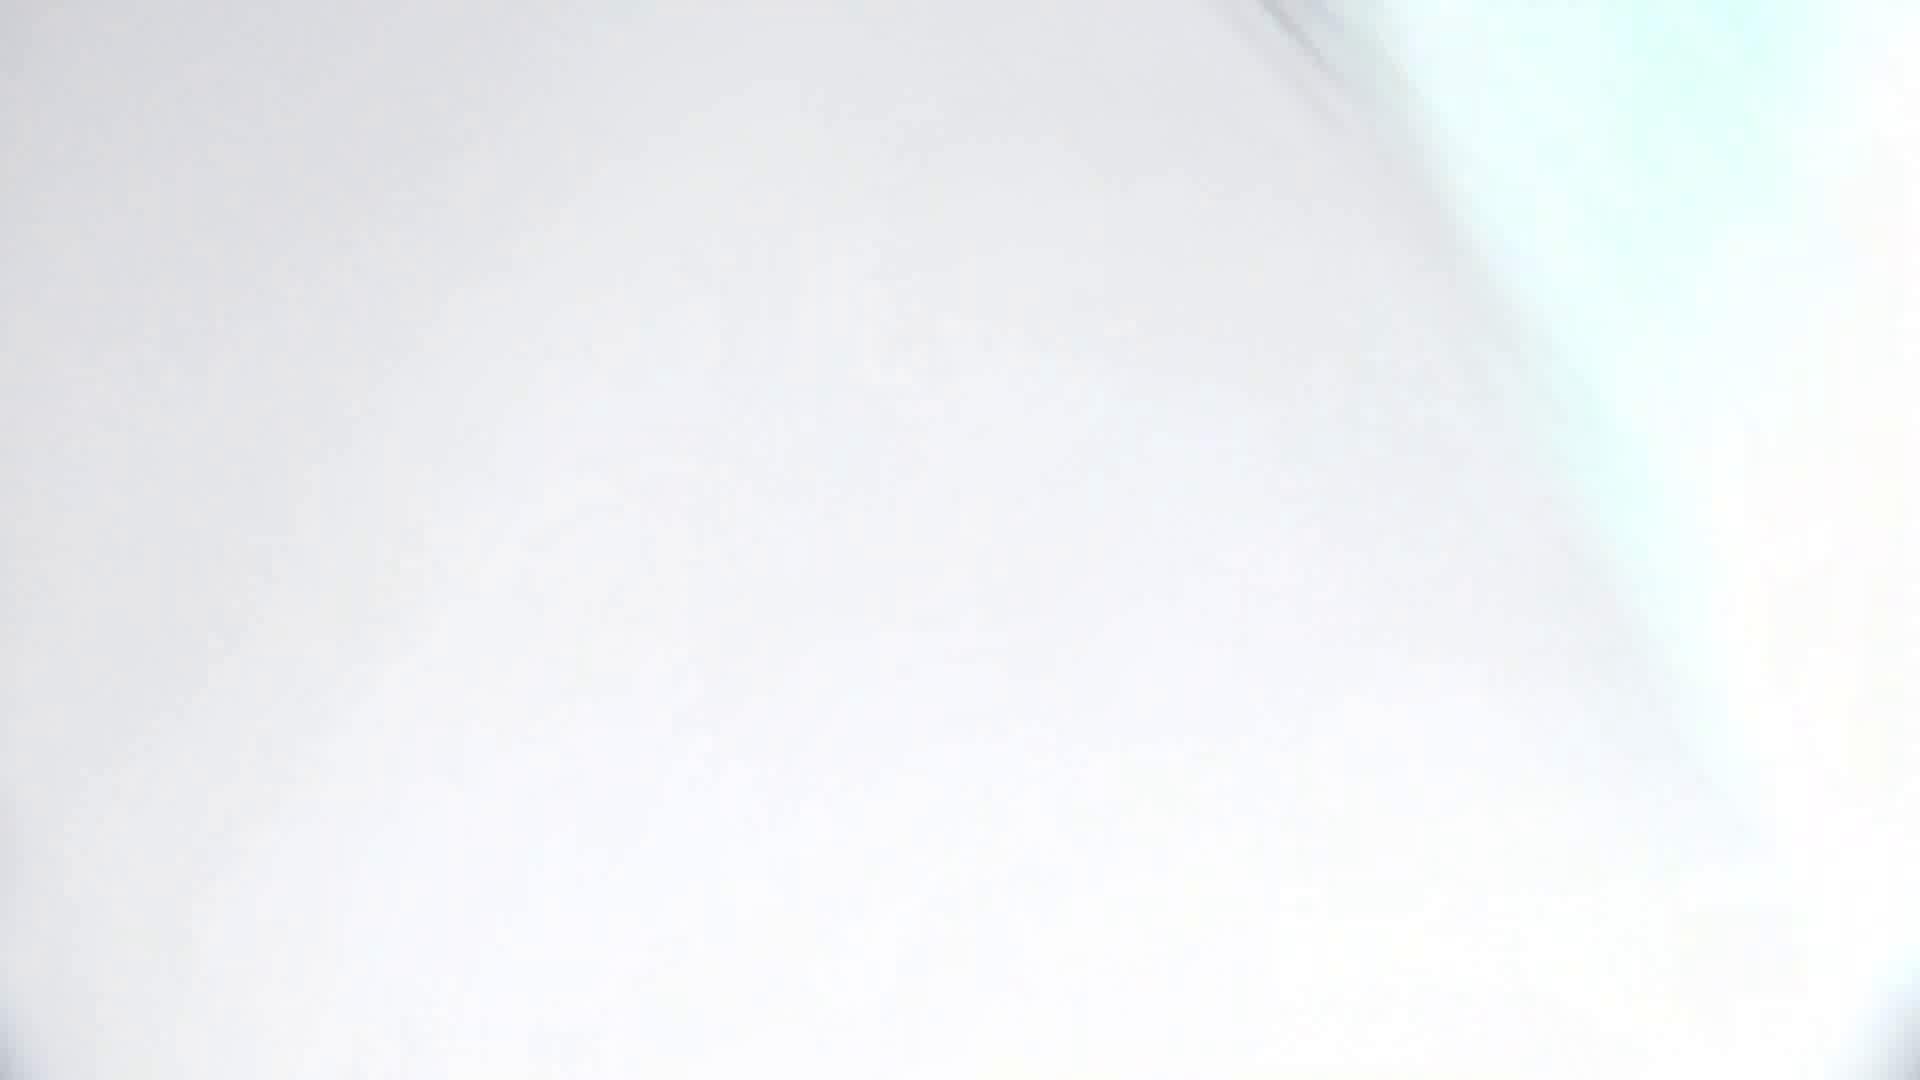 vol.25三十時間潜り、一つしか出会えない完璧桃尻編 byお銀 洗面所のぞき   高画質  106枚 64